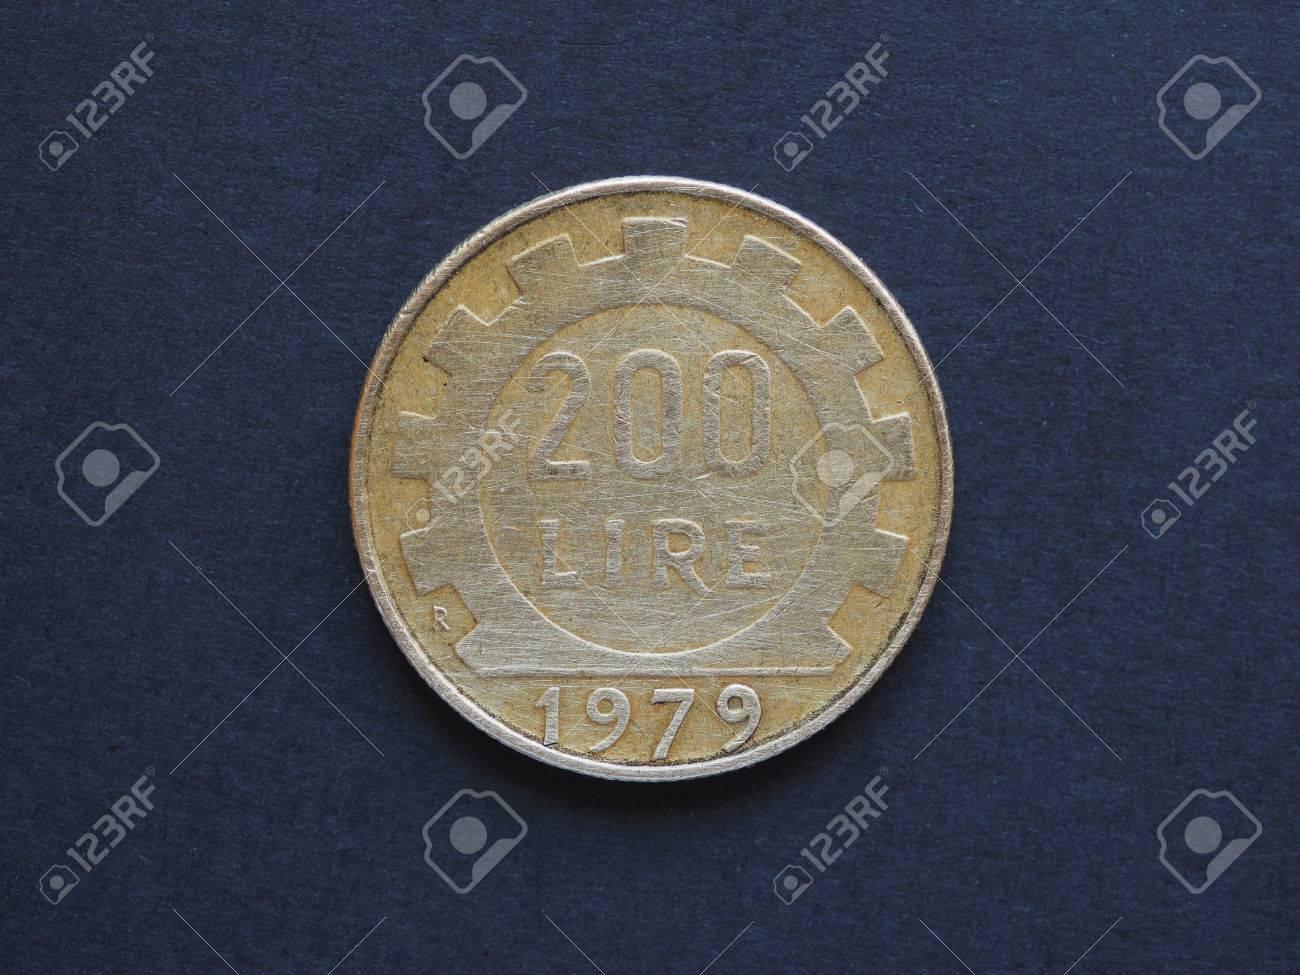 Italienische Lira Itl Münze Währung Von Italien It 200 Lire